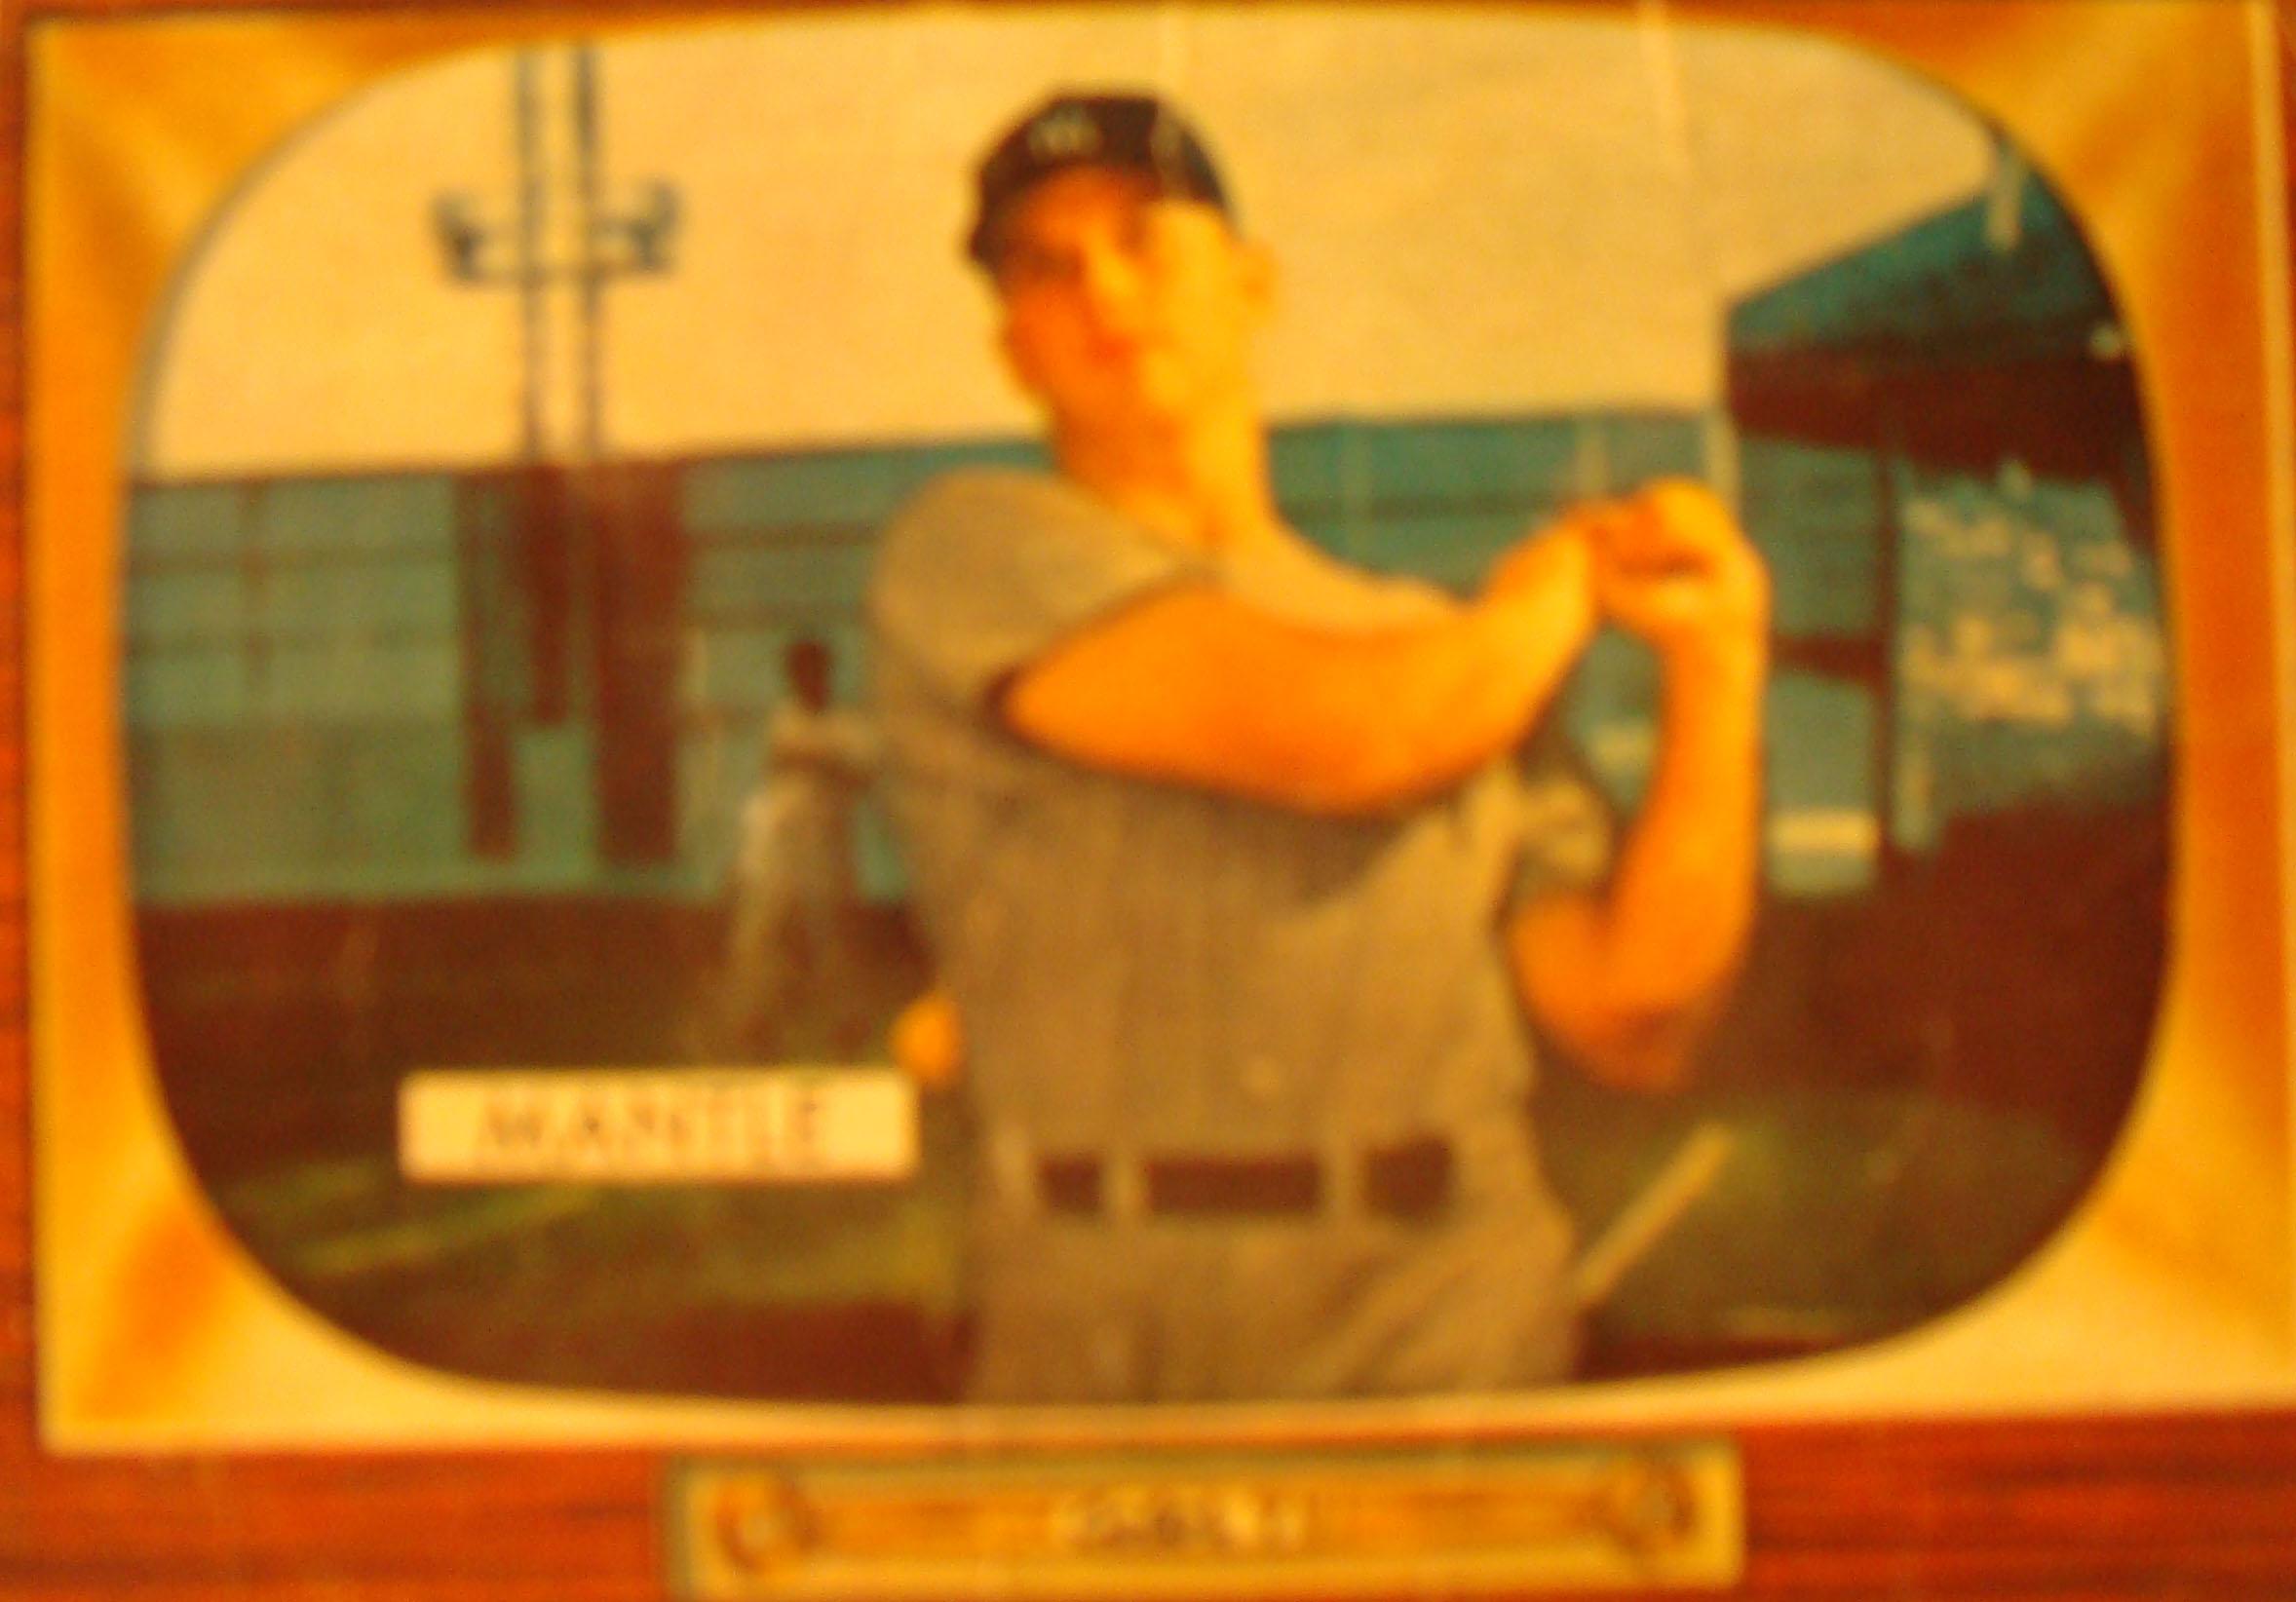 Tempat Jual Sumo Agate Black Terbaru 2018 Timberland Tbl14655js 07 Jam Tangan Pria Coklat Muda Bds 1st Mickey Mantle Card A 1956 Topps Traded For Marble Original Baseball